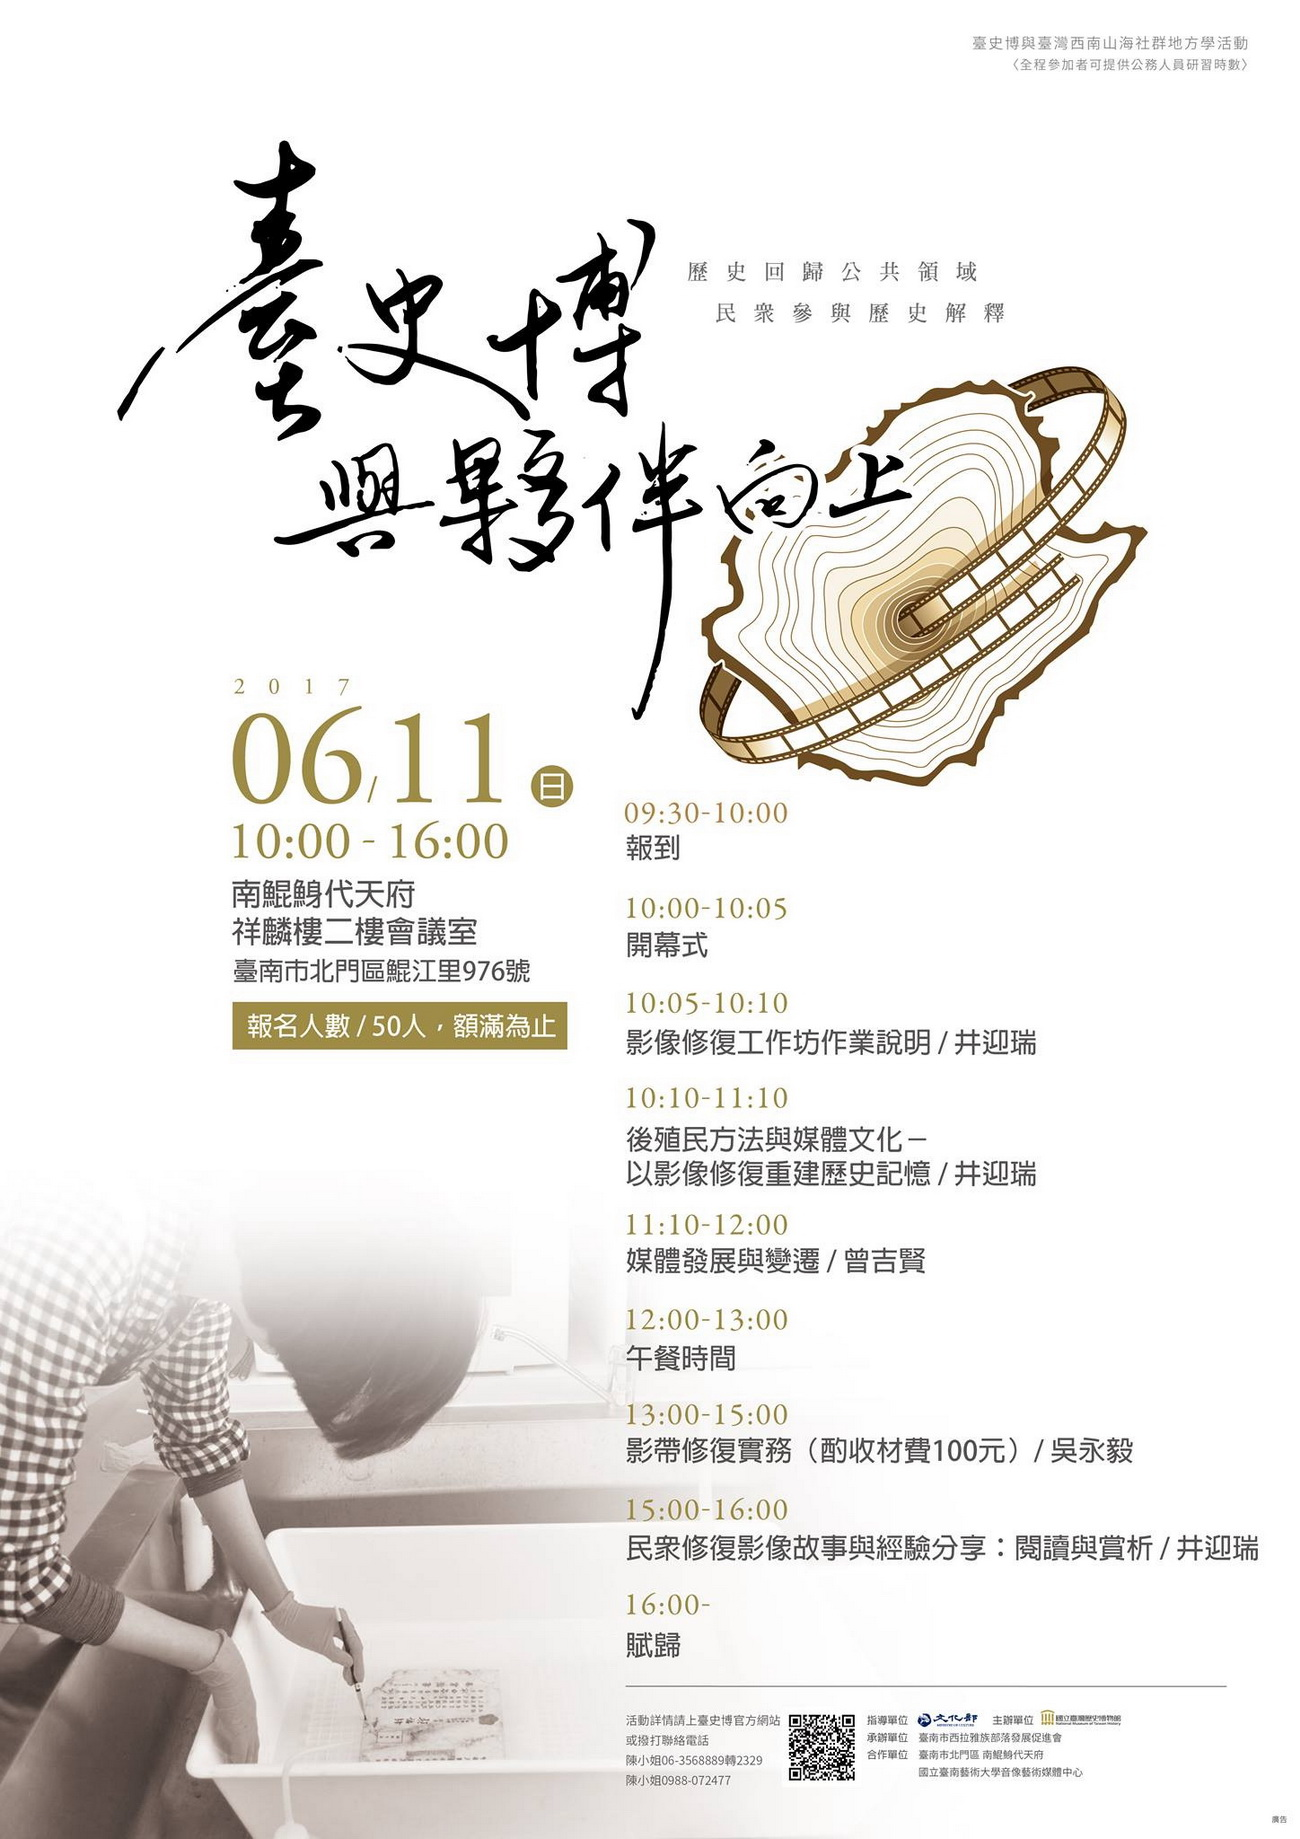 南方向上:臺史博與夥伴向上工作坊系列活動海報